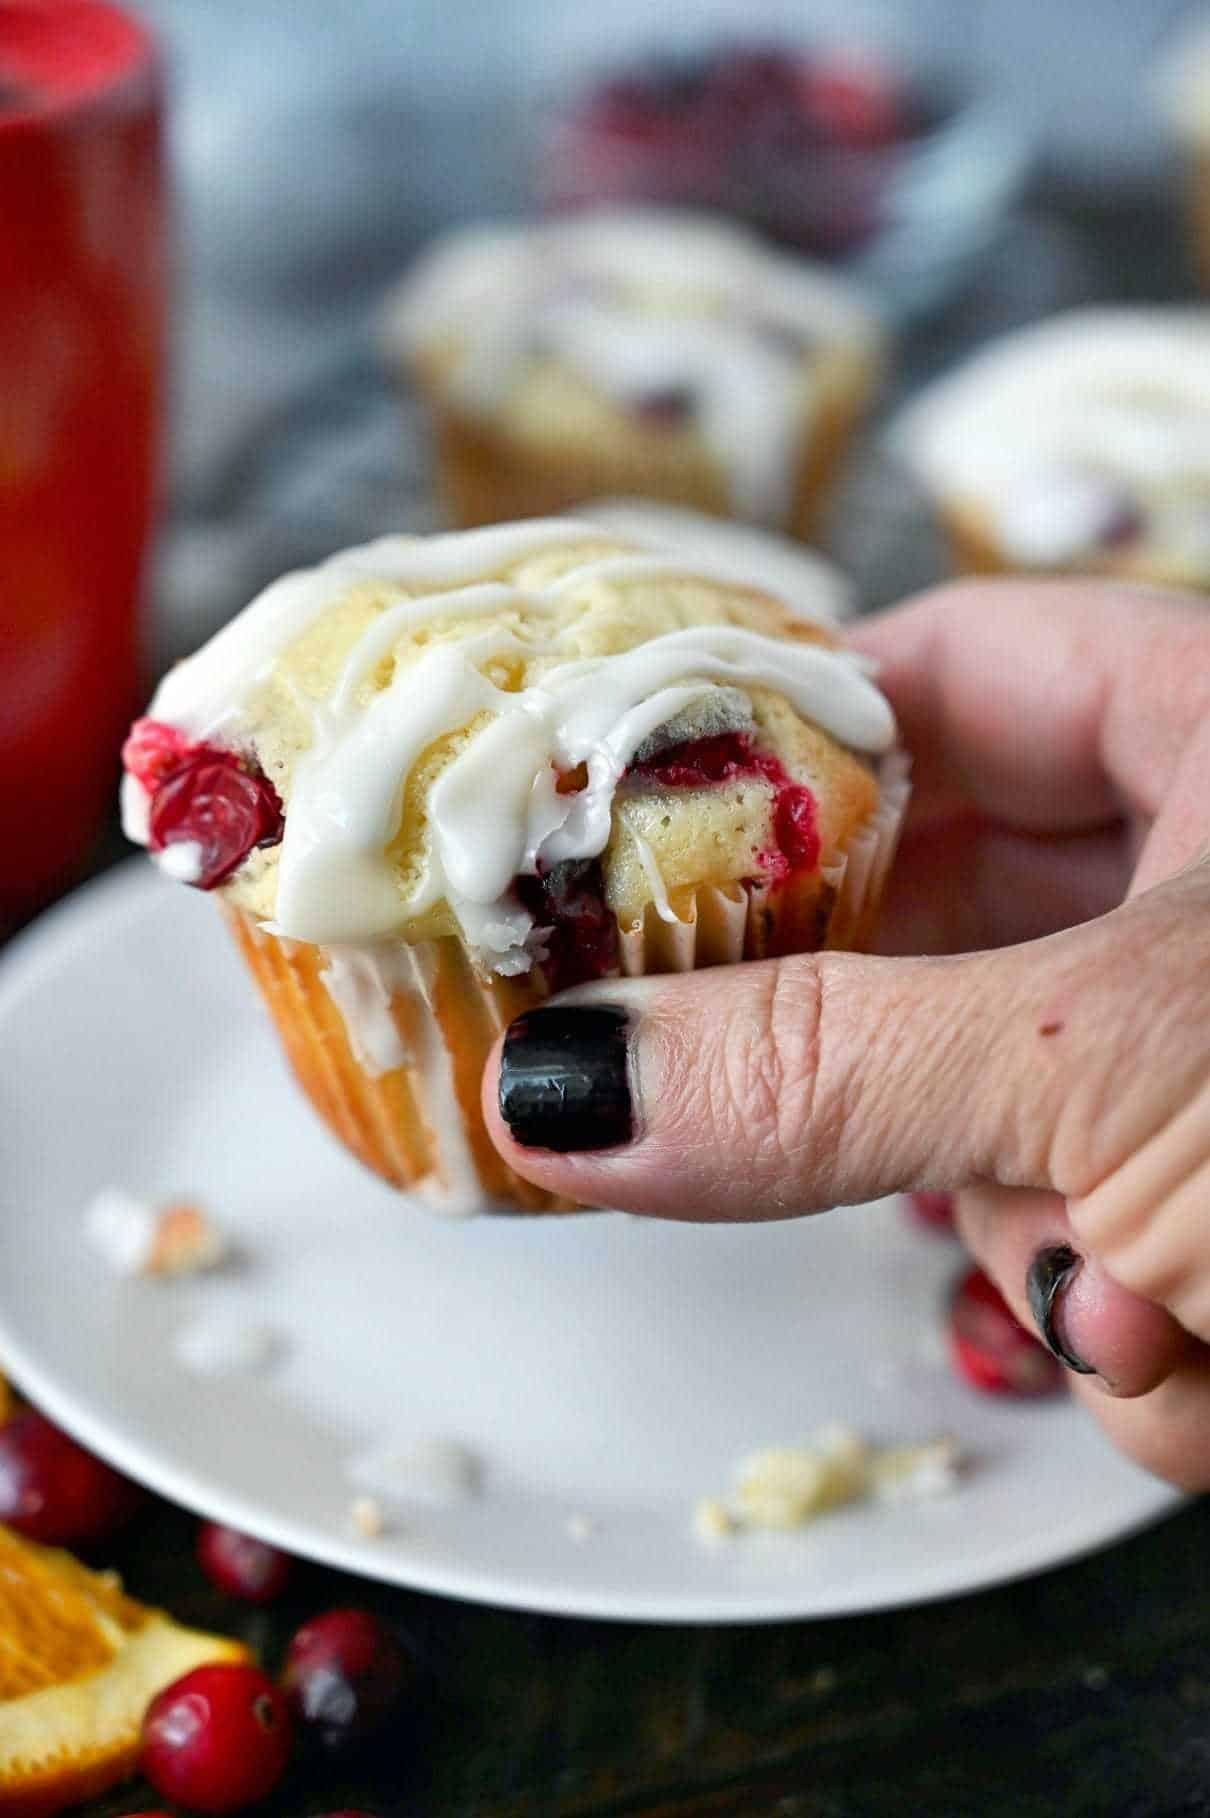 Muffin fiind ținut într-o mână.